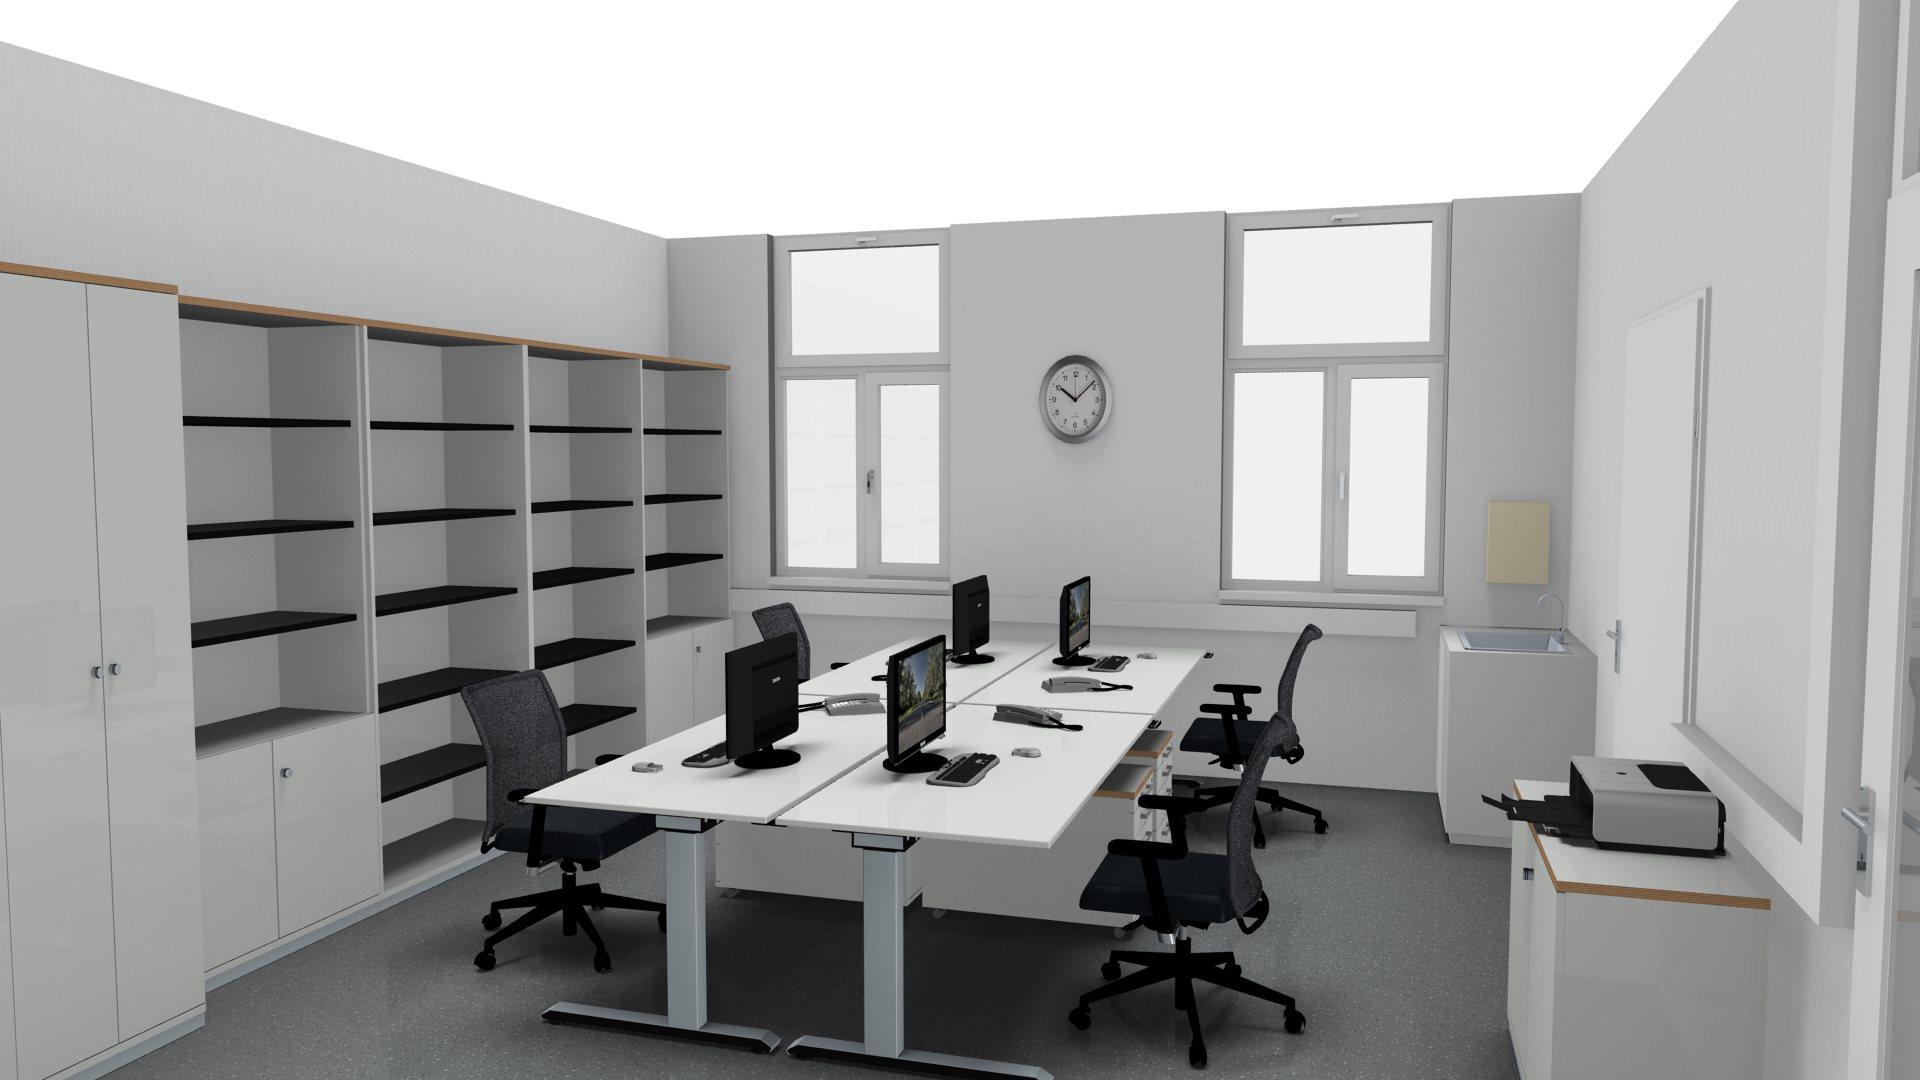 Büroeinrichtung planen  actica GmbH – actica planen & einrichten » 3D-Planung Büroeinrichtung